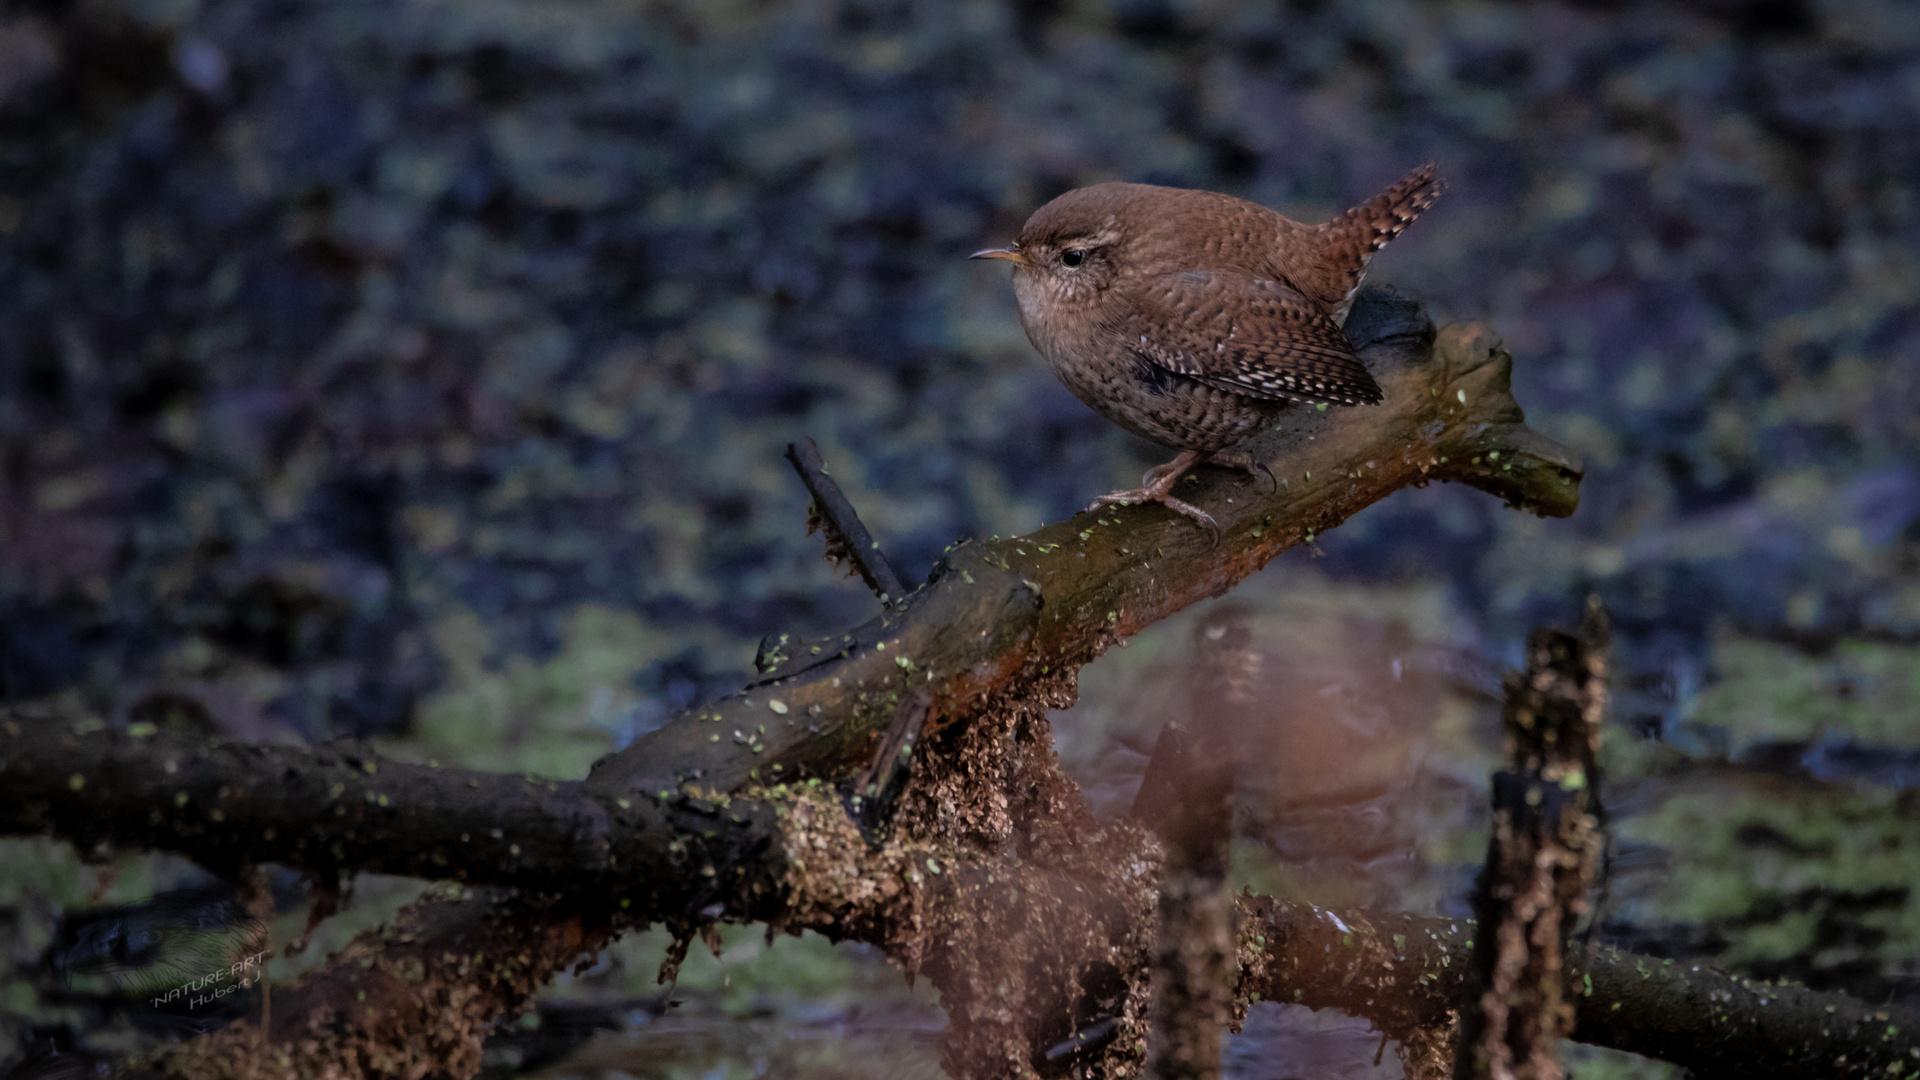 der kleine könig foto  bild  animaux animaux sauvages